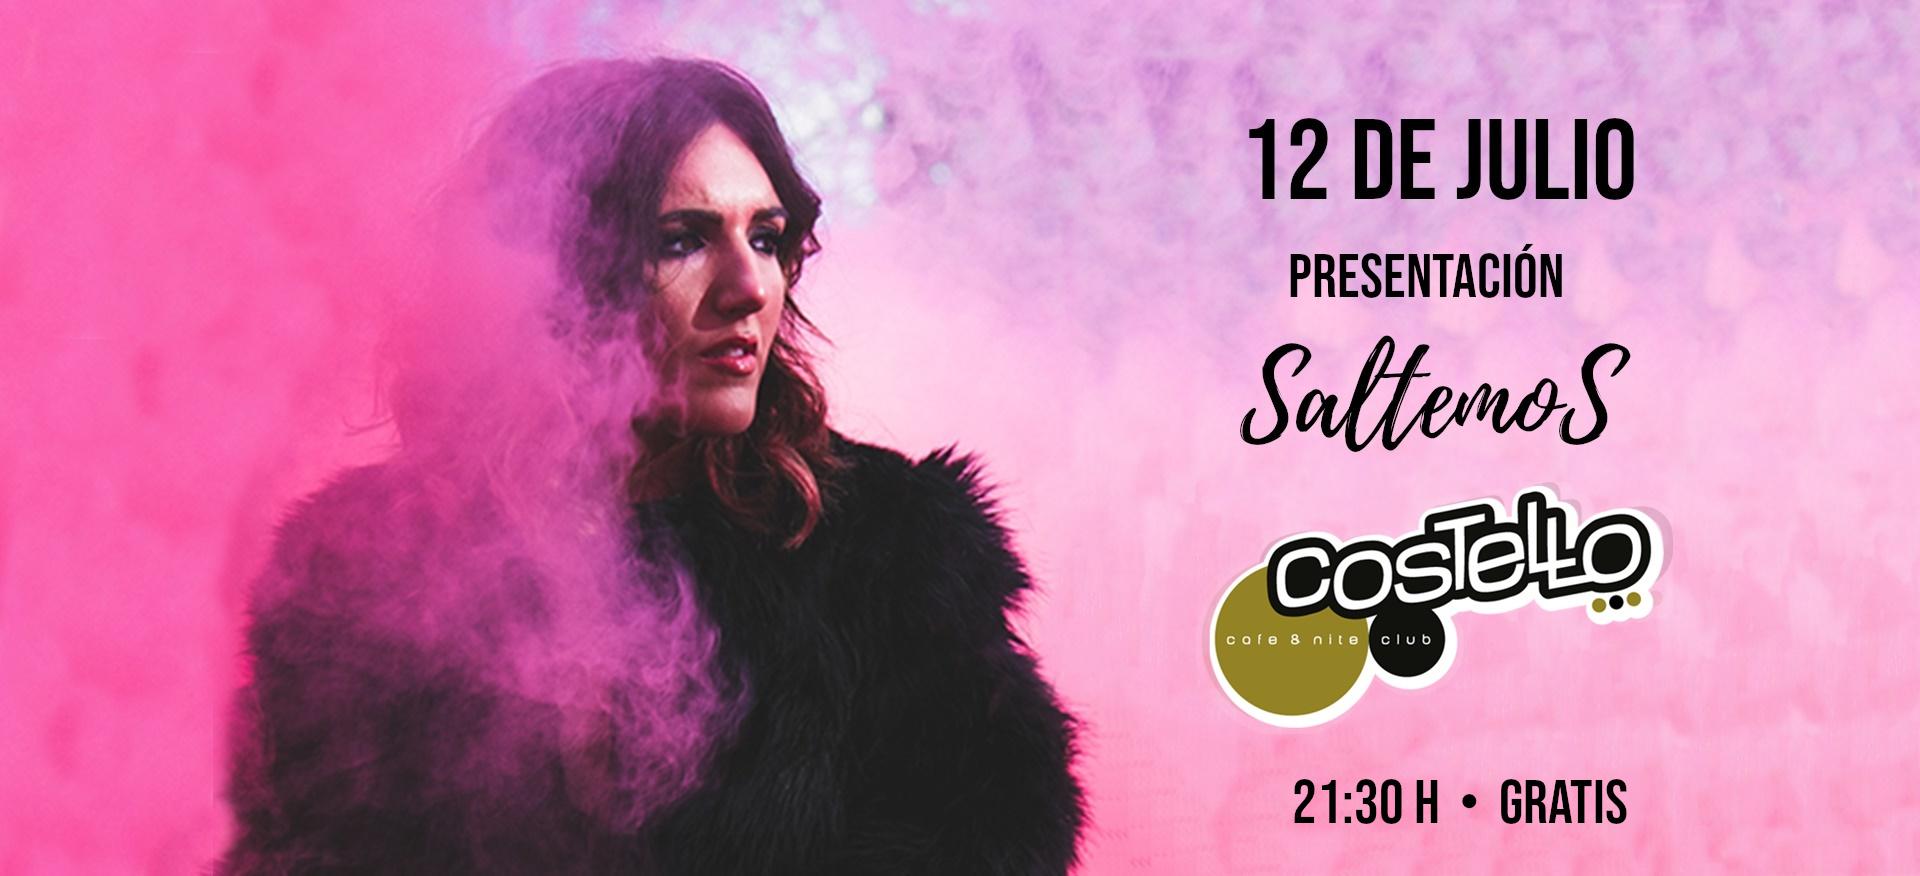 ARTÍCULO | Lara Morello presenta su EP Saltemos en la sala Costello